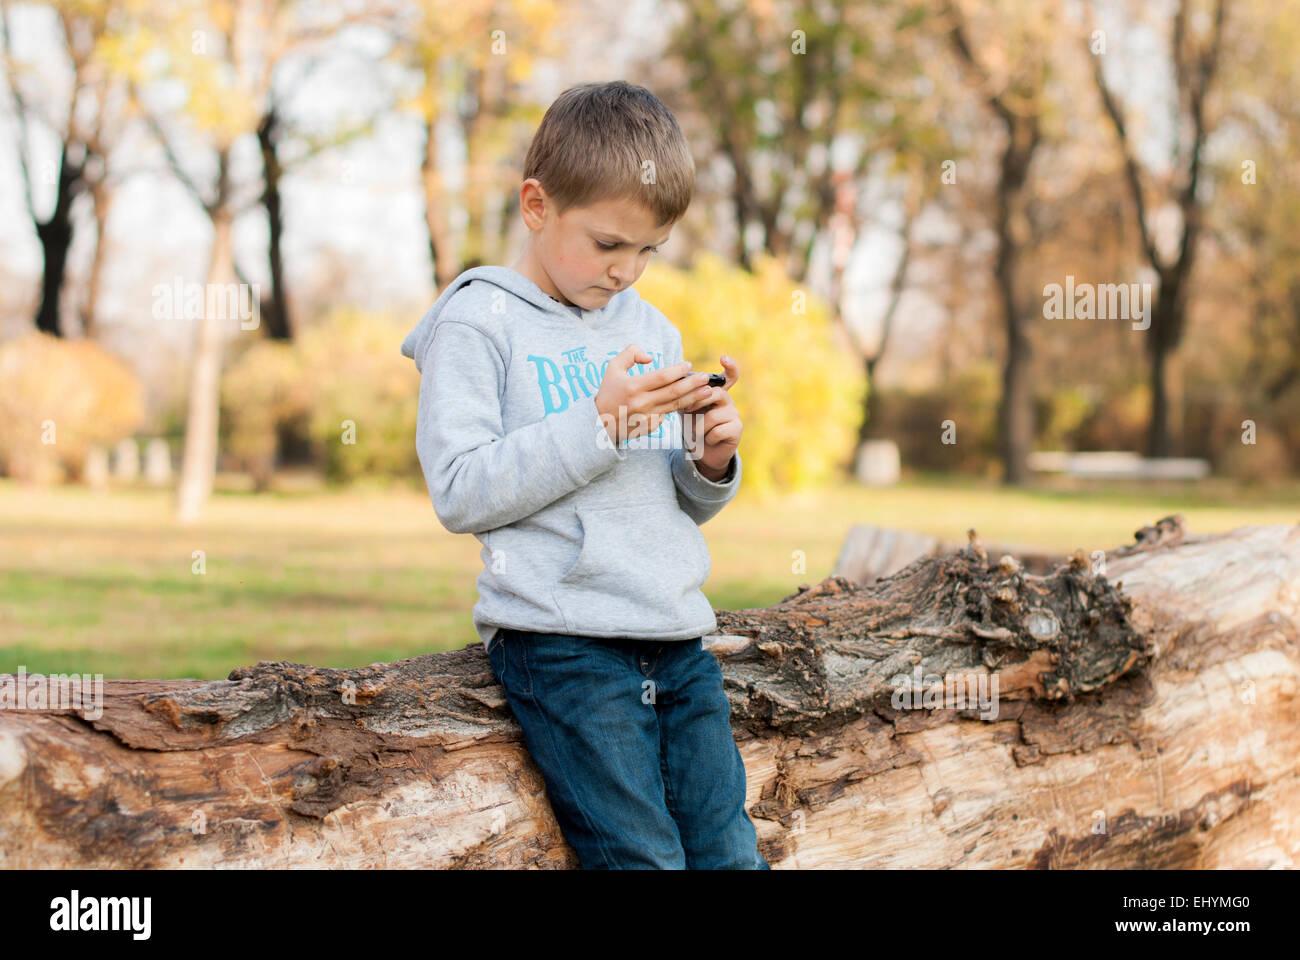 Boy leaning against tree trunk jouant sur appareil mobile dans le parc Photo Stock